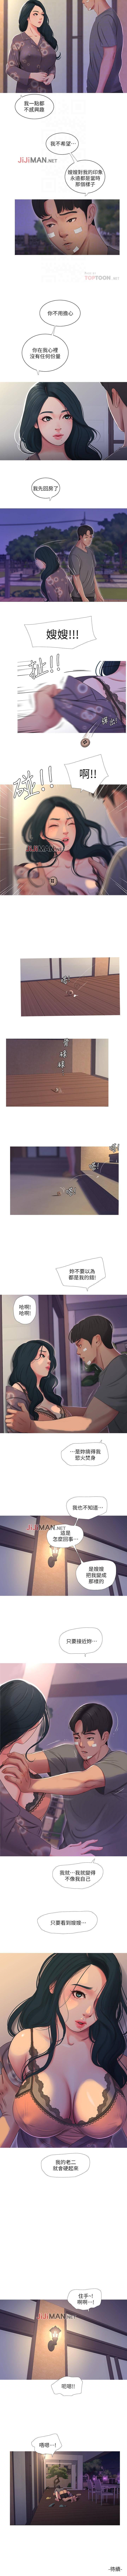 【周四连载】亲家四姐妹(作者:愛摸) 第1~37话 72